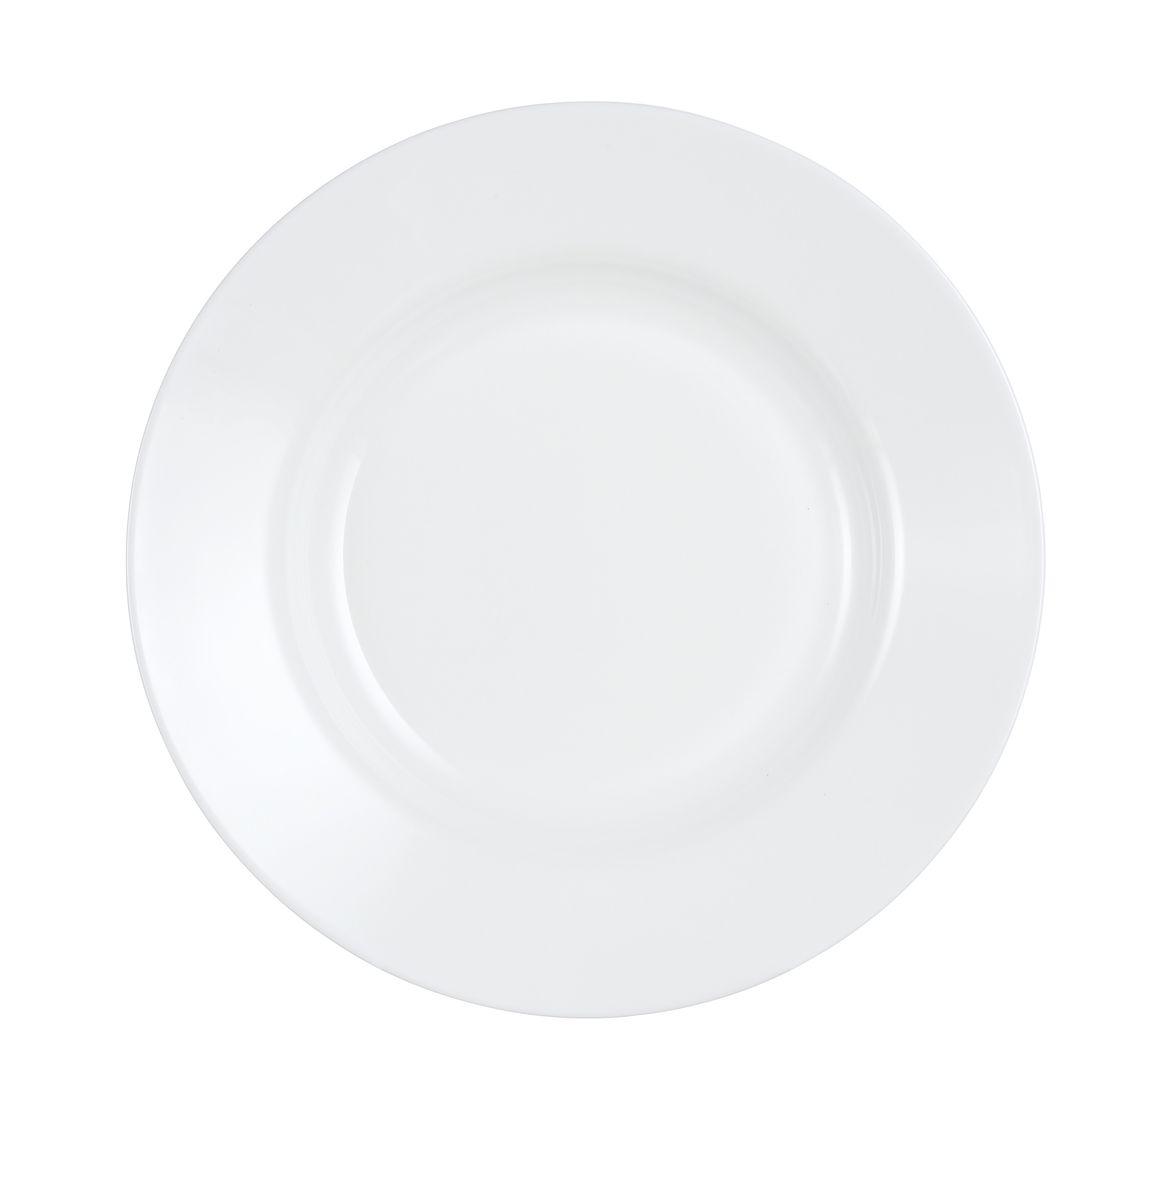 Тарелка глубокая Luminarc Everyday, 22 х 22 смG0563Глубокая тарелка Luminarc Everyday выполнена из ударопрочного стекла и оформлена в классическом стиле. Изделие сочетает в себе изысканный дизайн с максимальной функциональностью. Она прекрасно впишется в интерьер вашей кухни и станет достойным дополнением к кухонному инвентарю. Тарелка Luminarc Everyday подчеркнет прекрасный вкус хозяйки и станет отличным подарком. Размер (по верхнему краю): 22 х 22 см.